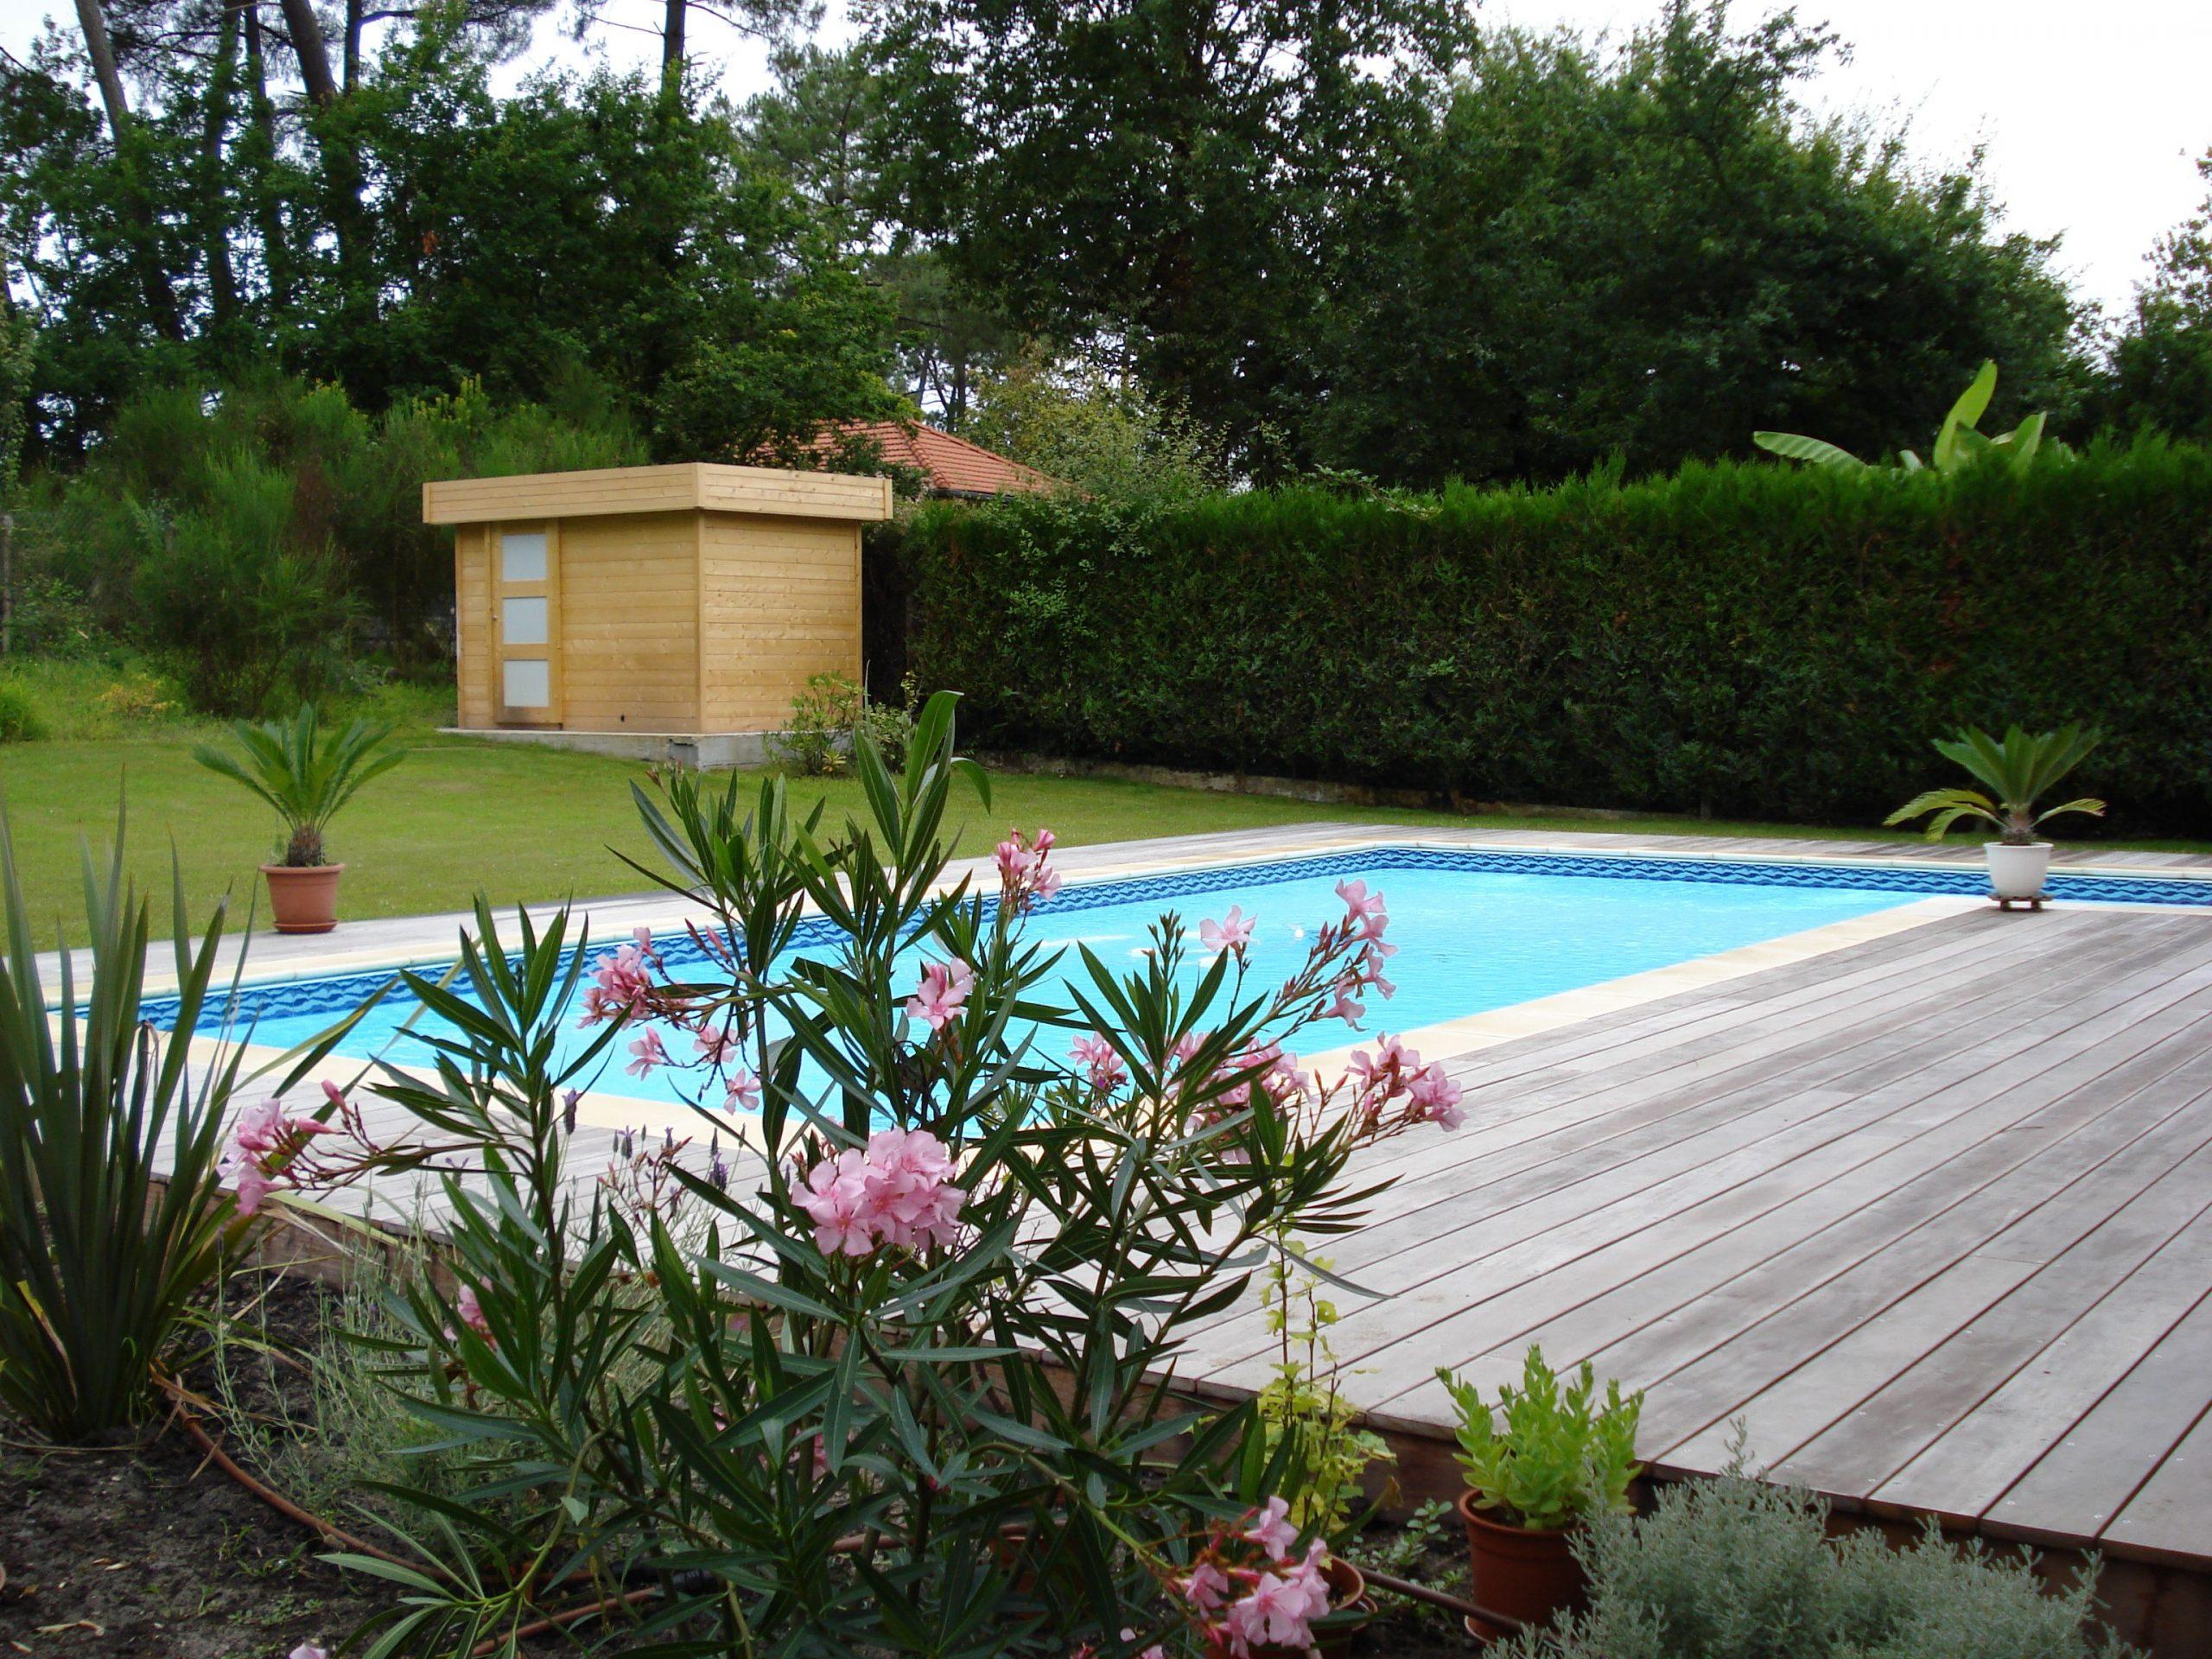 Chalet En Bois - Andernos-Les-Bains - En Abri De Jardin Et ... pour Piscine Andernos